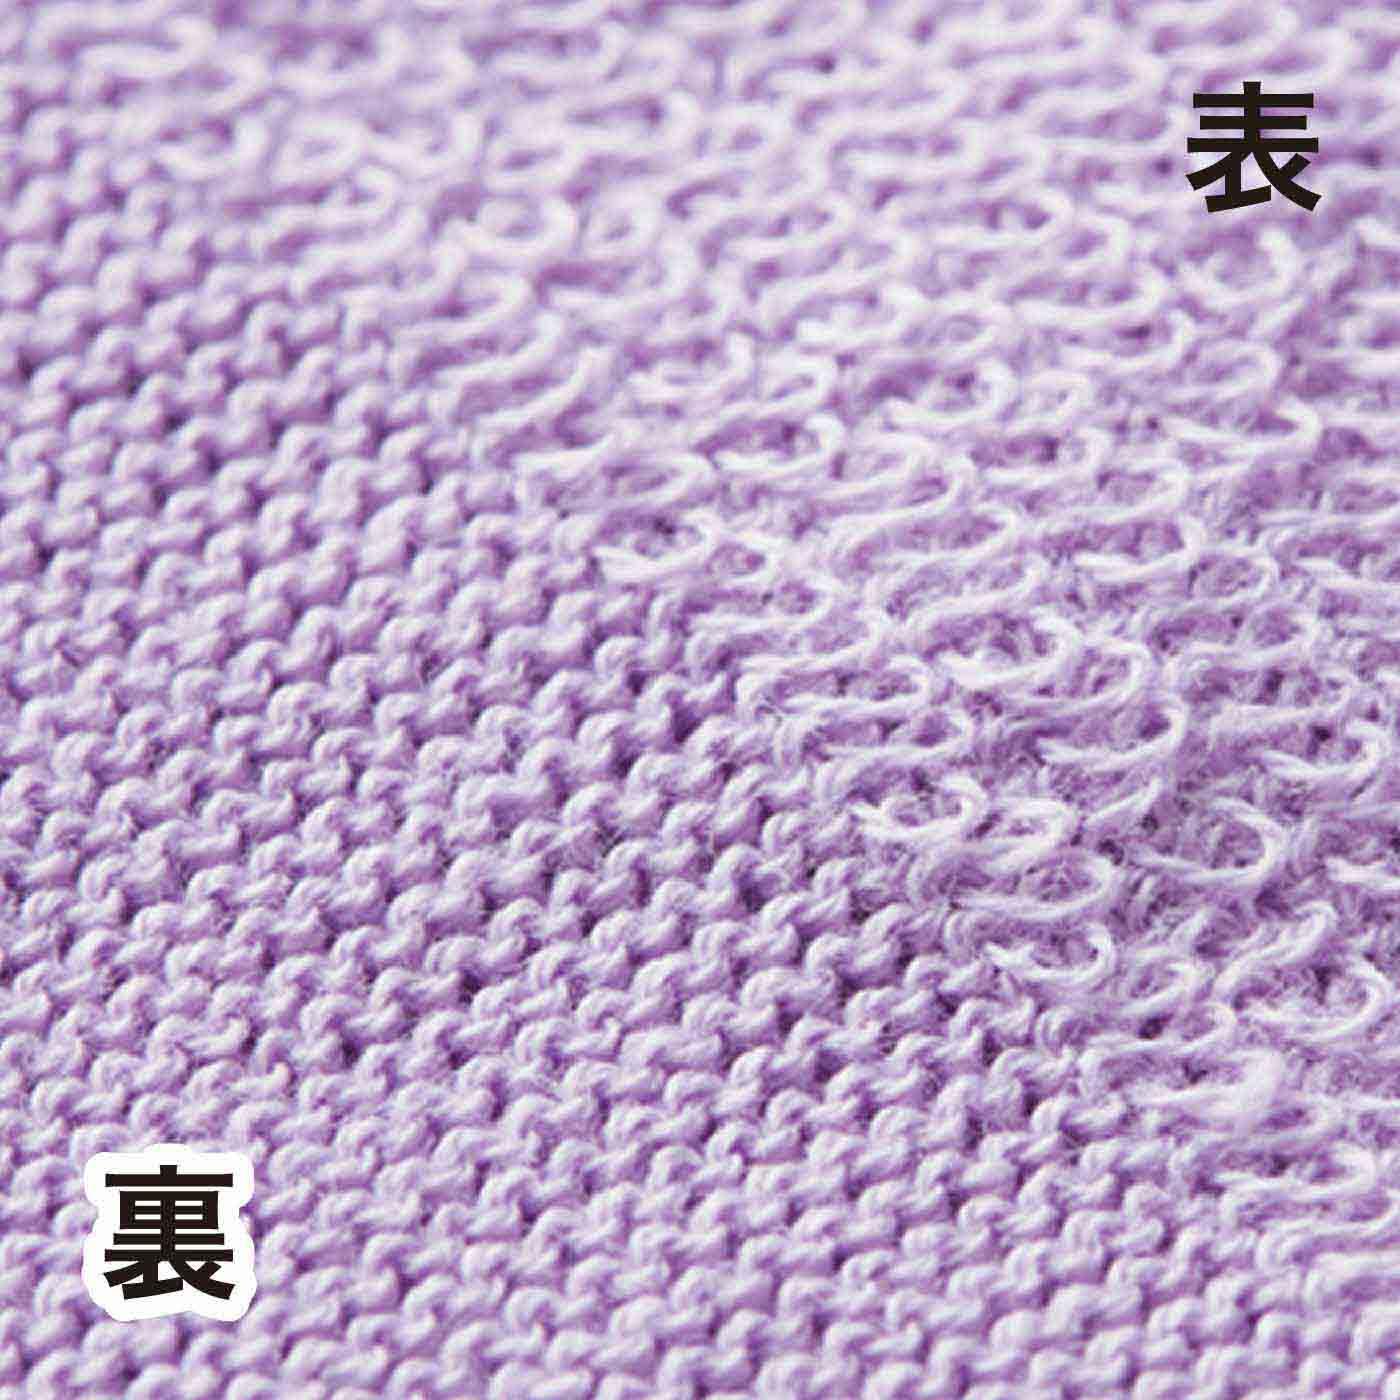 表は薄手のタオルのようなパイル地、裏はなめらかな平編み地で裏も表もどちらも使えます。